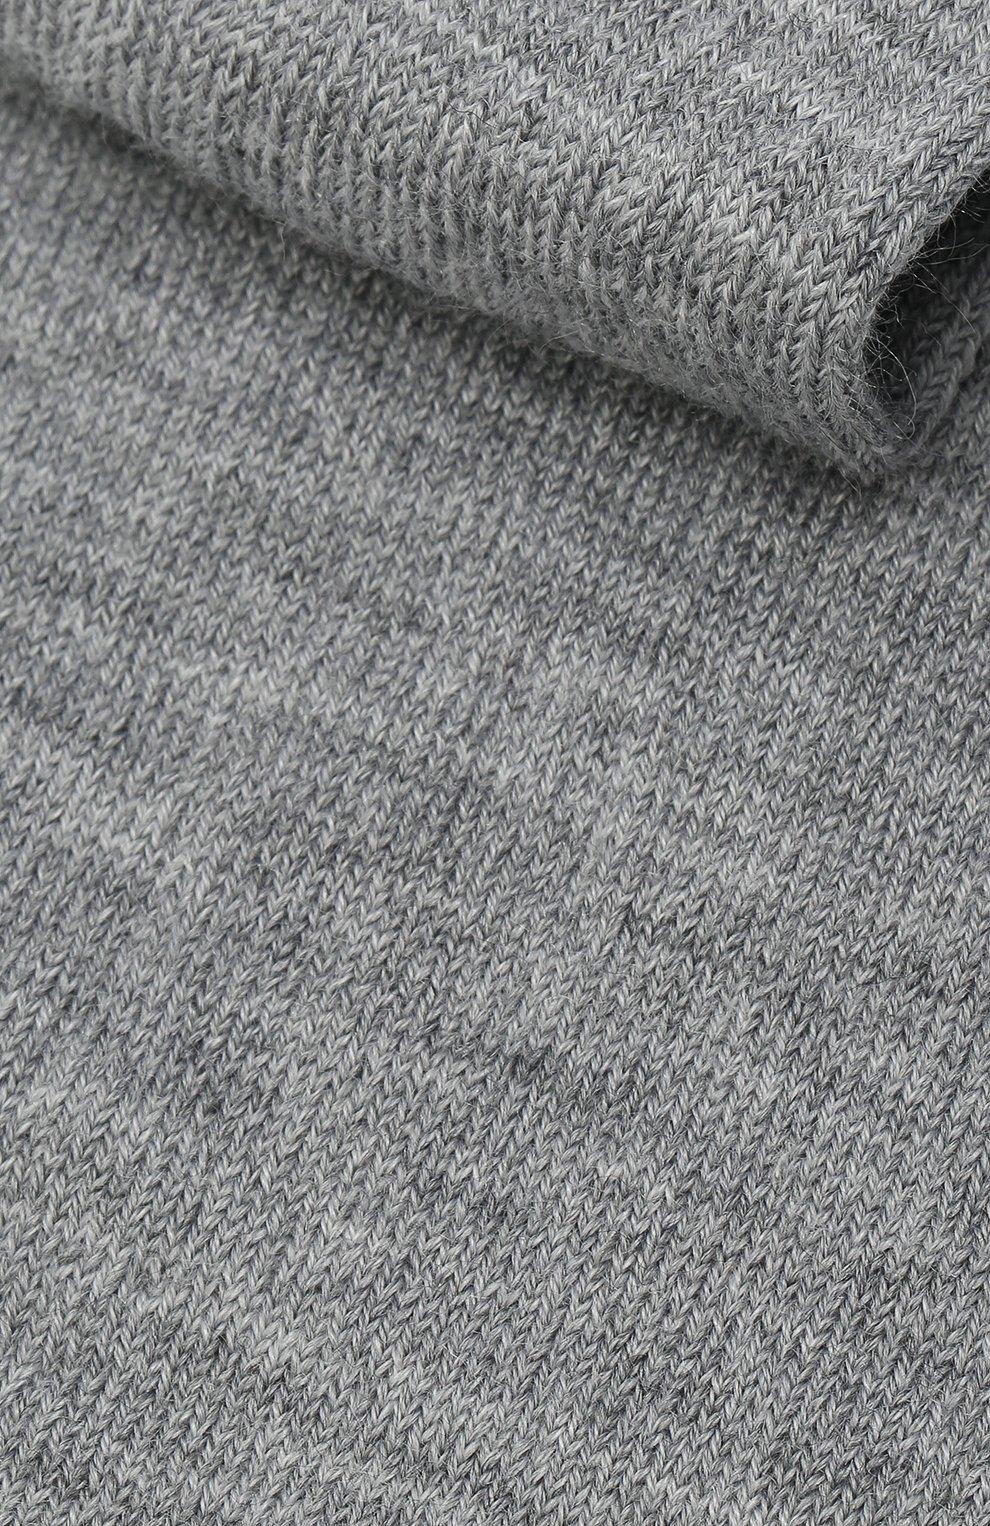 Детские колготки LA PERLA серого цвета, арт. 47186/7-8 | Фото 2 (Материал: Текстиль, Кашемир, Шерсть)